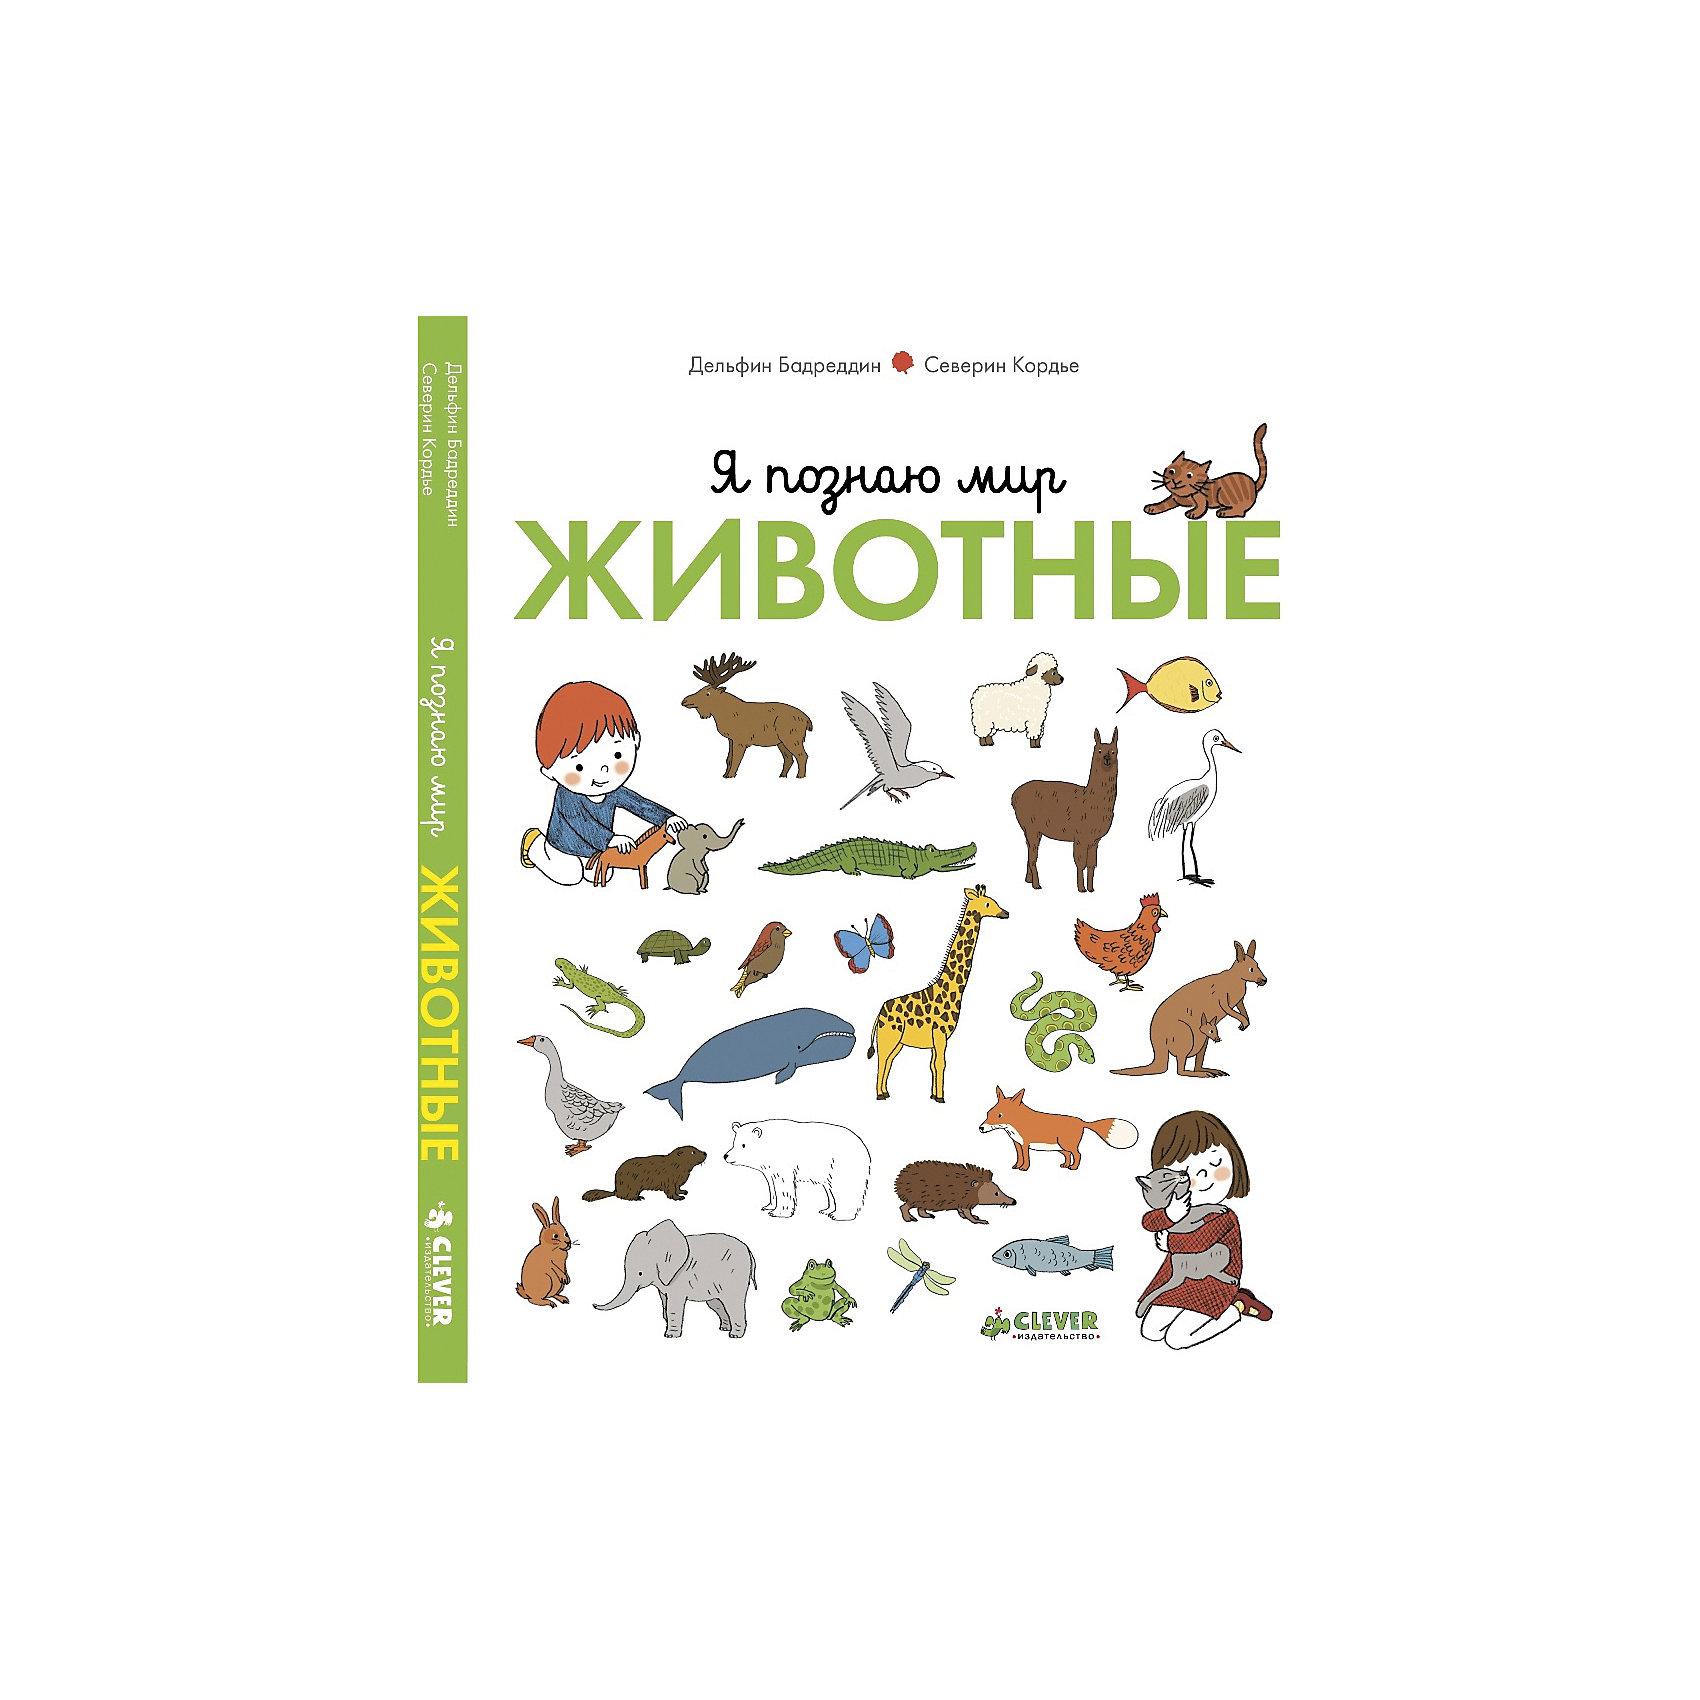 Животные, Я познаю мирС помощью книги «Я познаю мир. Животные» ребёнок познакомится с животными в разных сферах обитания: в доме и в парке, в деревне и в море, в горах и в цирке; узнает об их повадках и месте в жизни человека. А ещё эта книжка - прекрасное пособие по развитию речи: на каждом развороте есть история в картинках. Предложите ребёнку описать то, что происходит в тексте, пересказать и определить главных героев в повествовании. Таким образом, вы научите малышей первичной работе с текстом, заложите основы чтения и понимания текста, а также разовьете его творческие способности и воображение. <br><br>Дополнительная информация:<br><br>- Автор: Кордье Северин, Бадреддин Дельфин.<br>- Переводчик: Киктева Мария.<br>- Формат: 22,8х18,2 см.<br>- Количество страниц: 50.<br>- Переплет: твердый.<br>- Иллюстрации: цветные.<br><br>Книгу Животные. Я познаю мир, можно купить в нашем магазине.<br><br>Ширина мм: 175<br>Глубина мм: 220<br>Высота мм: 10<br>Вес г: 290<br>Возраст от месяцев: 0<br>Возраст до месяцев: 36<br>Пол: Унисекс<br>Возраст: Детский<br>SKU: 4419565